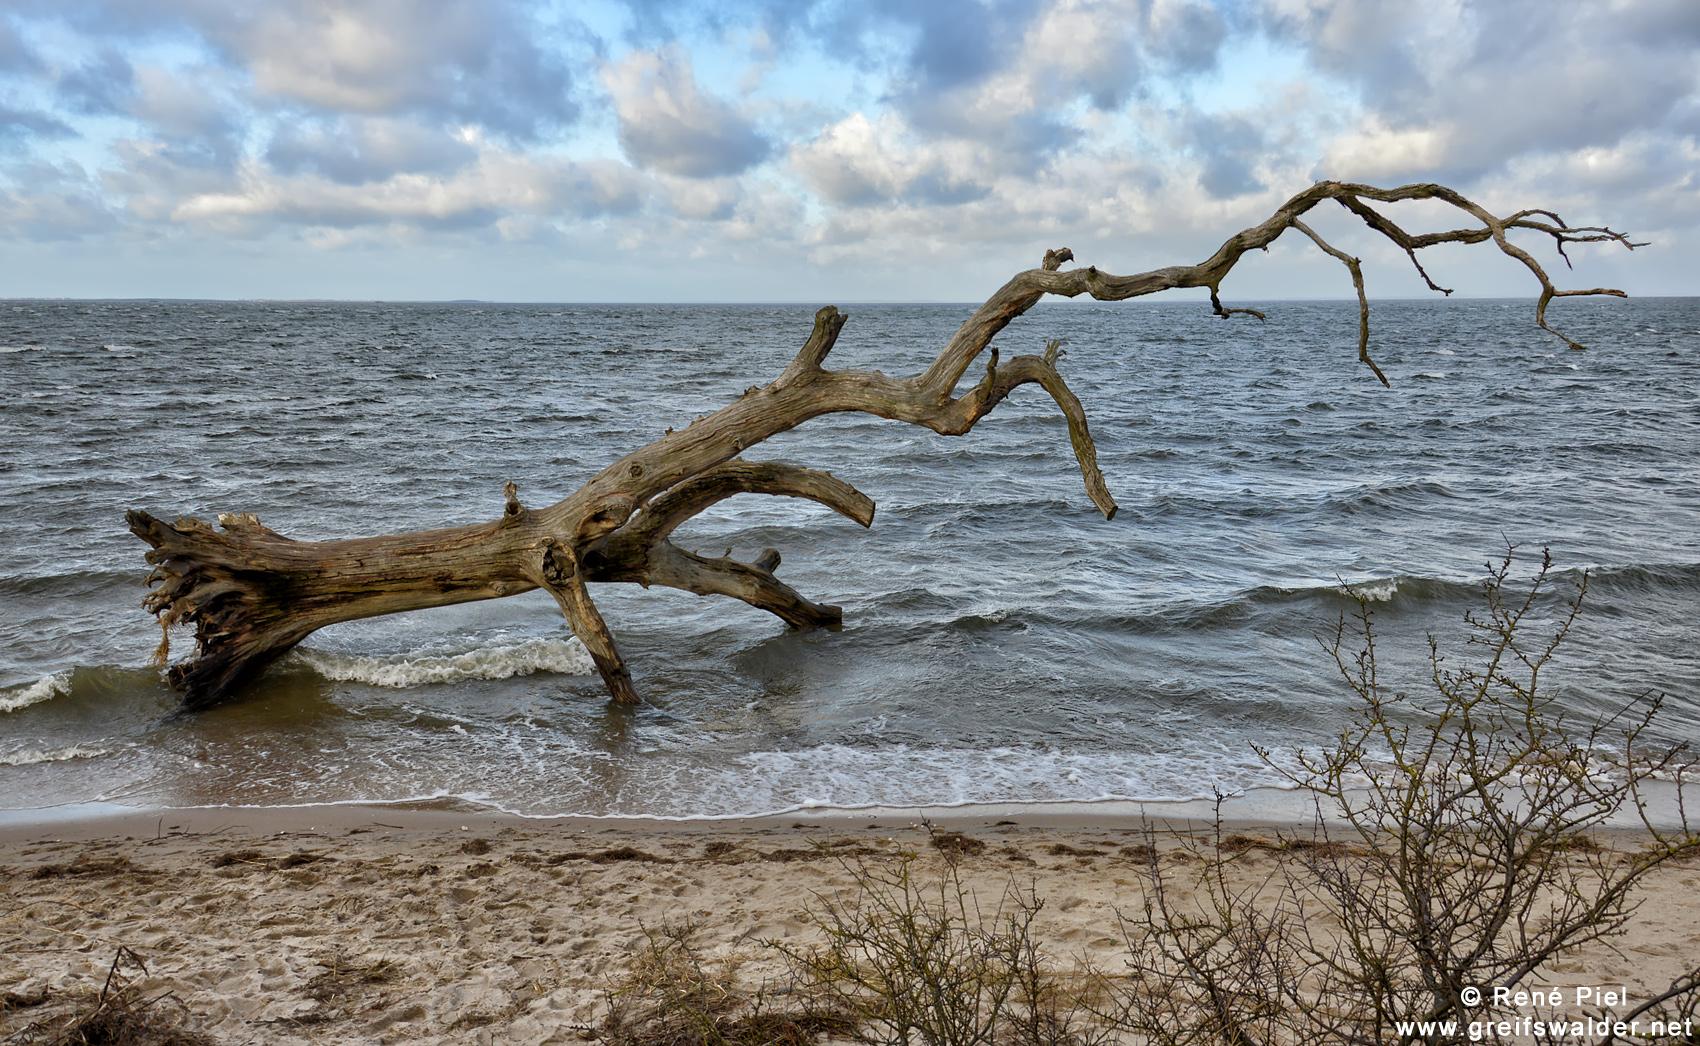 Schlafende Bäume am Strand bei Loissin am Greifswalder Bodden